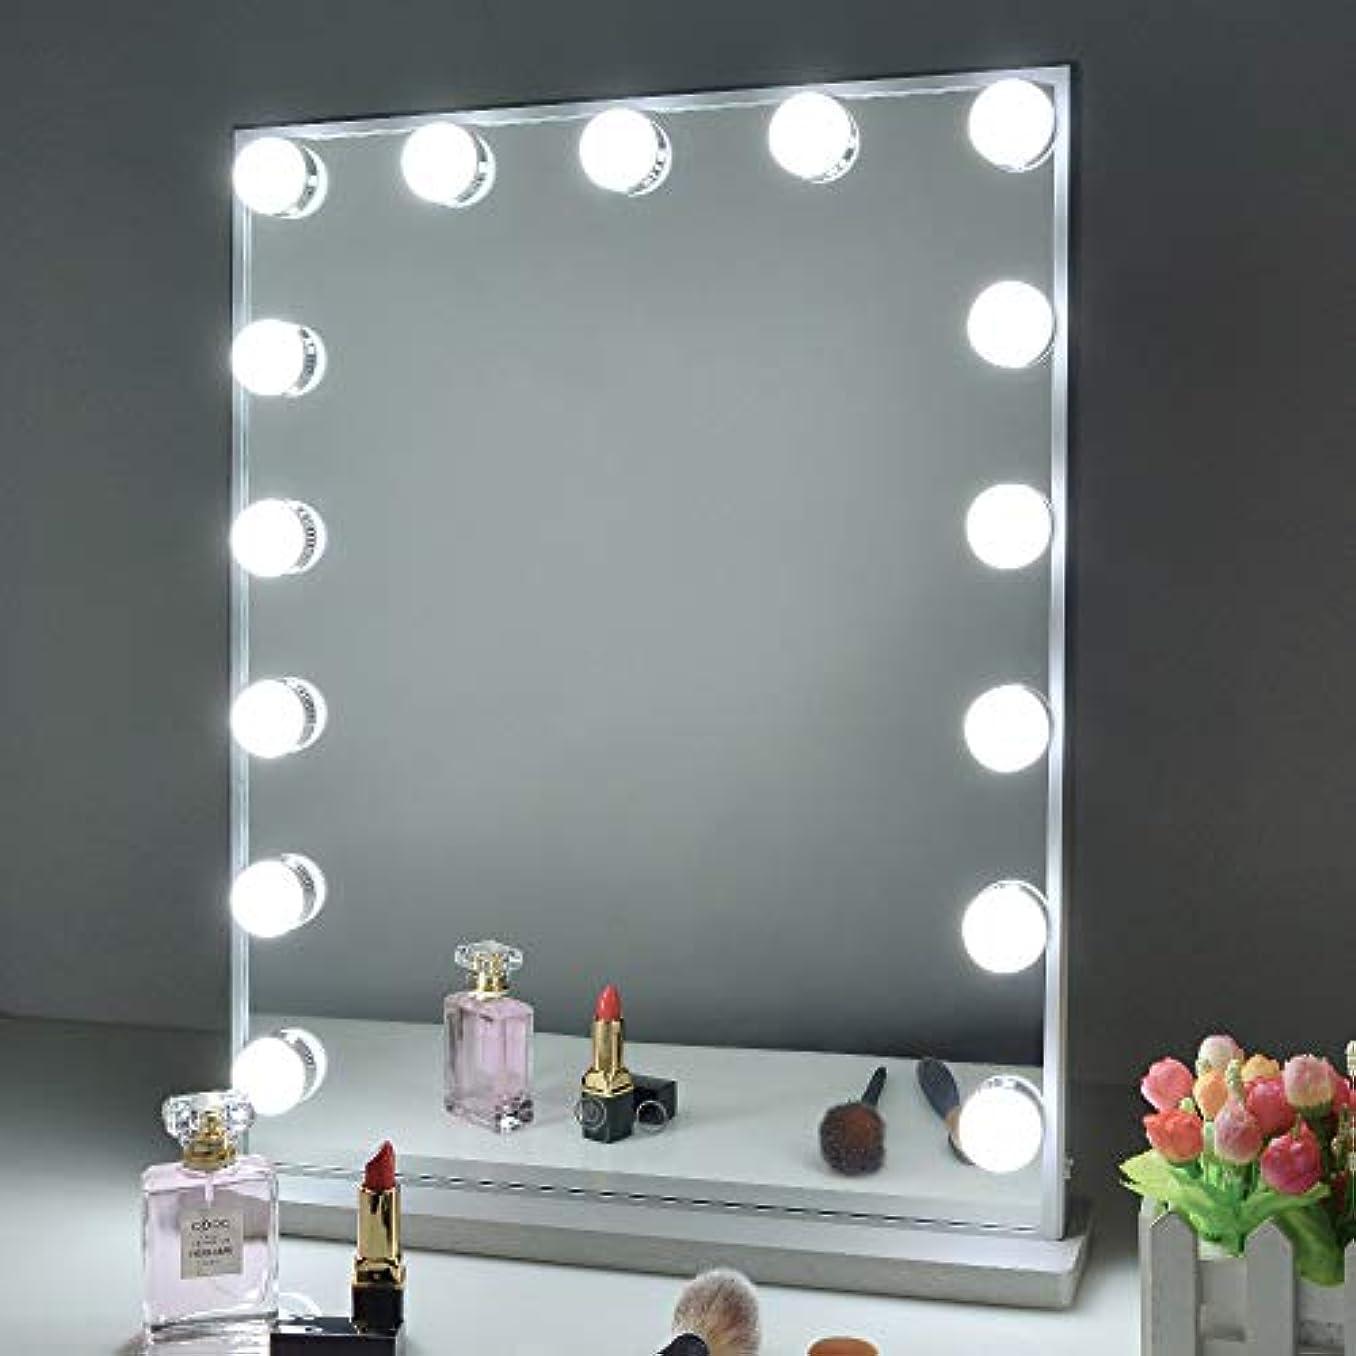 蒸気軽量豚肉Wonstart 女優ミラー led化粧鏡 ハリウッドミラー 15個LED電球付き 寒色?暖色2色調光 明るさ調整可能 スタンド付き 卓上/壁掛け両用(シルバー)